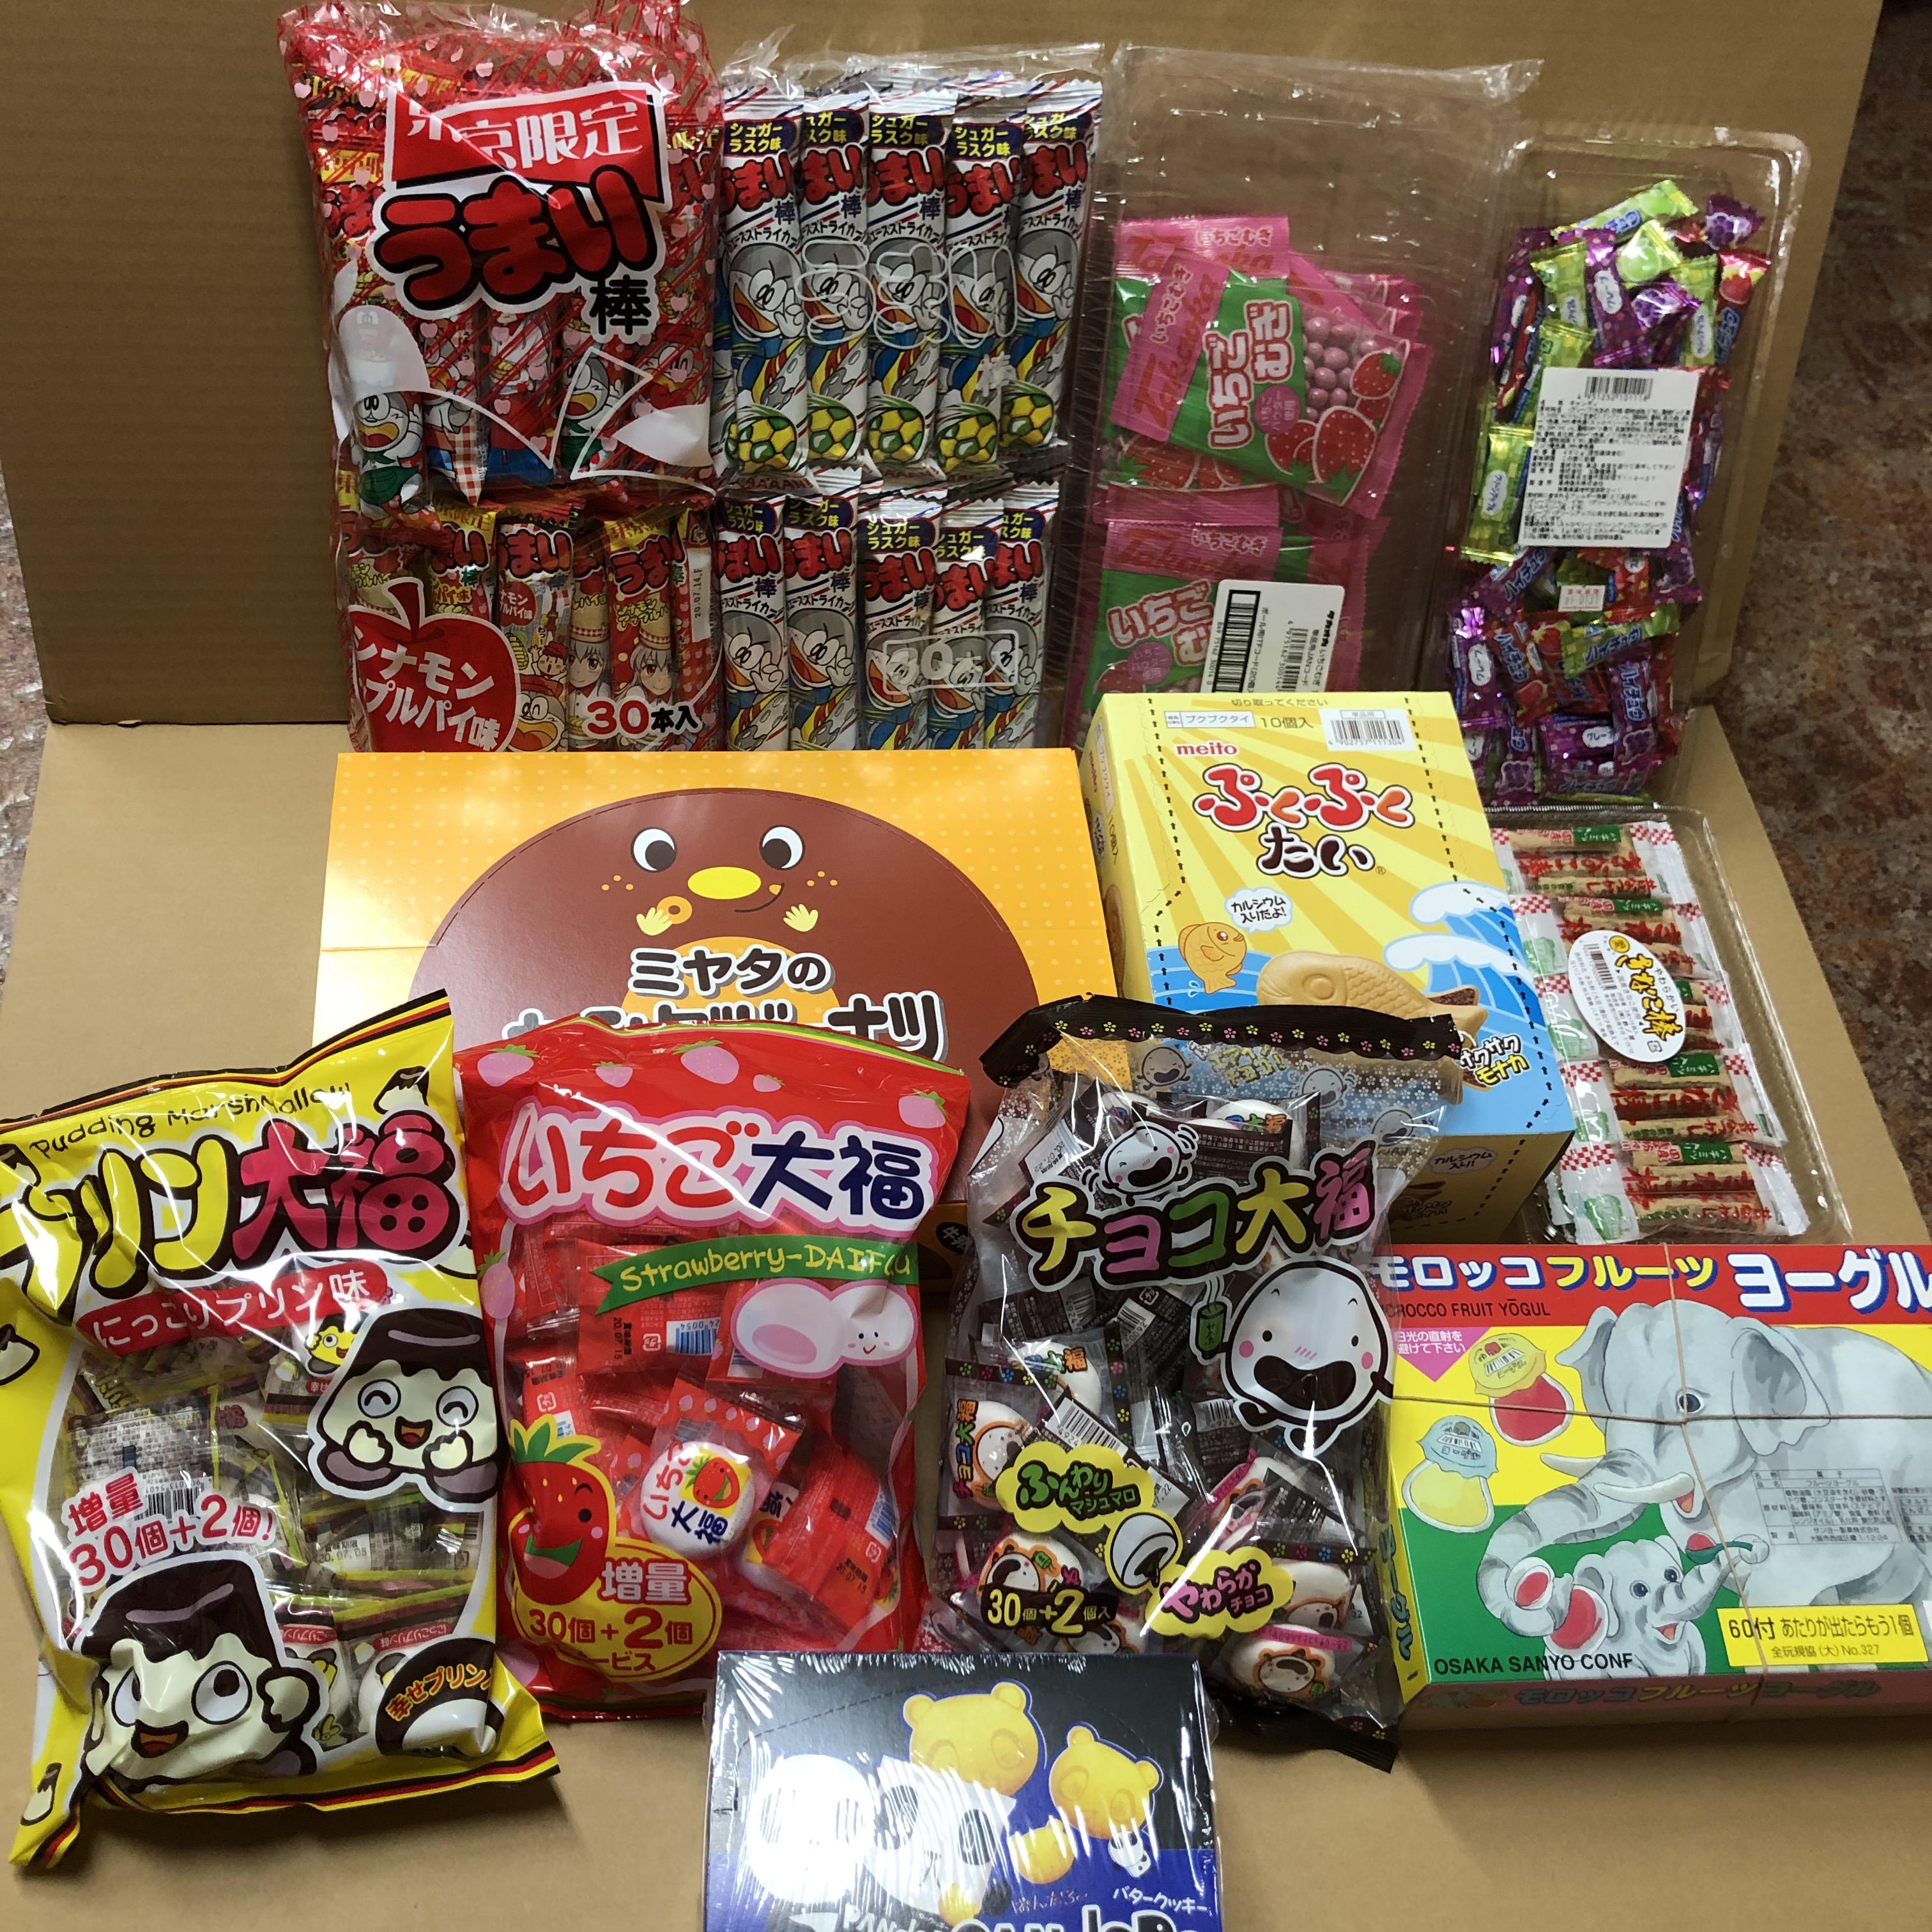 井ノ口商店 駄菓子デザート5000円セット(総数399個)